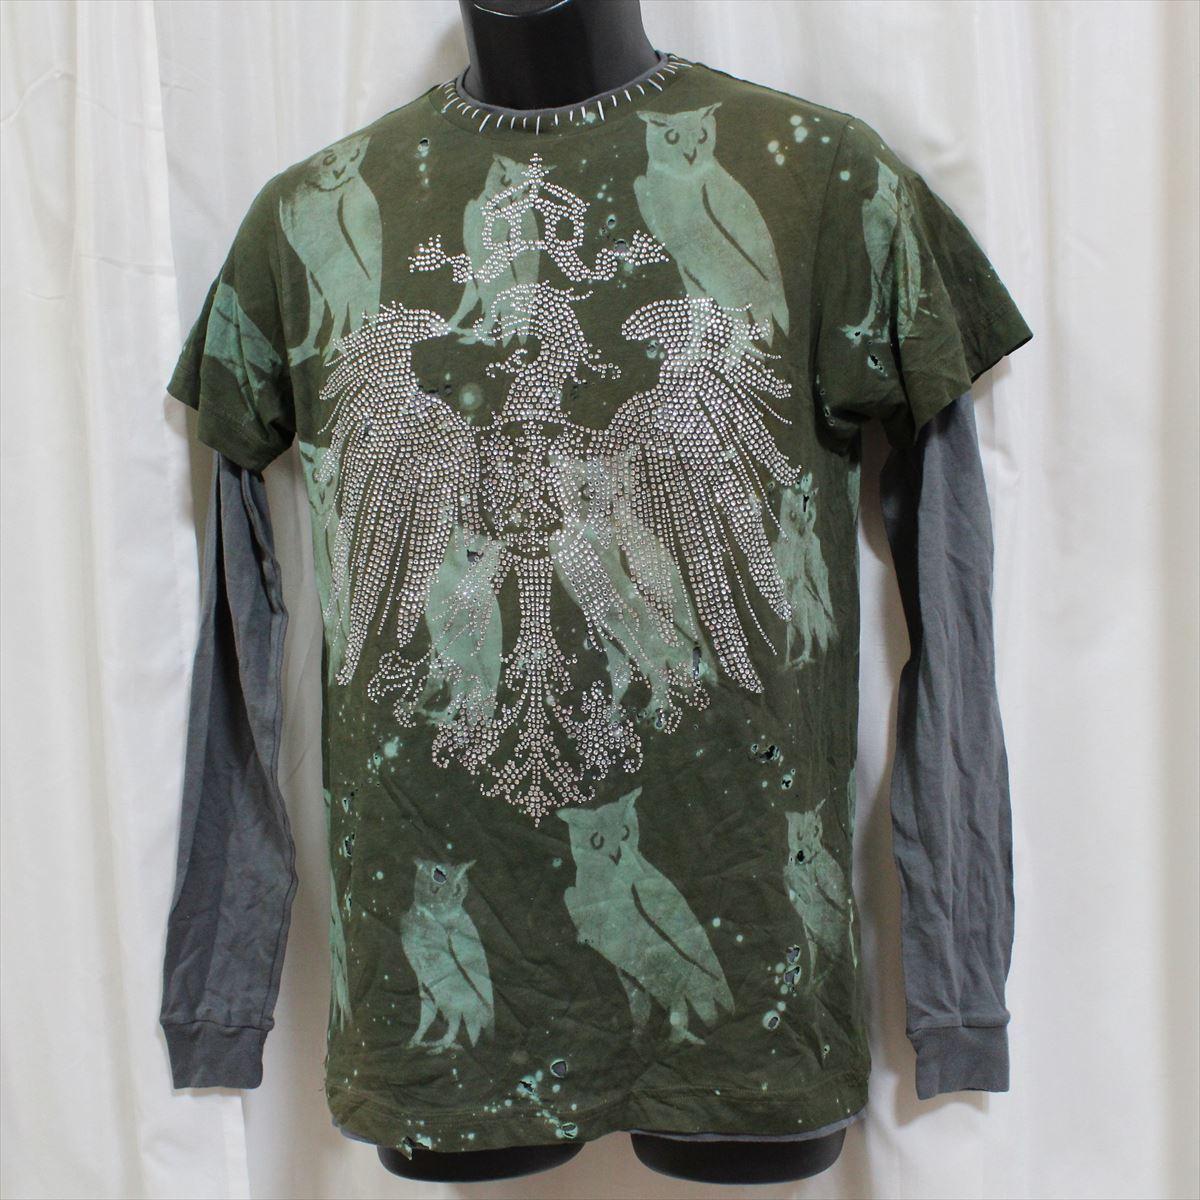 アイコニック ICONIC COUTURE メンズ長袖Tシャツ カーキグリーン Sサイズ 新品 ダブルスリーブ フクロウ アメリカ製_画像1